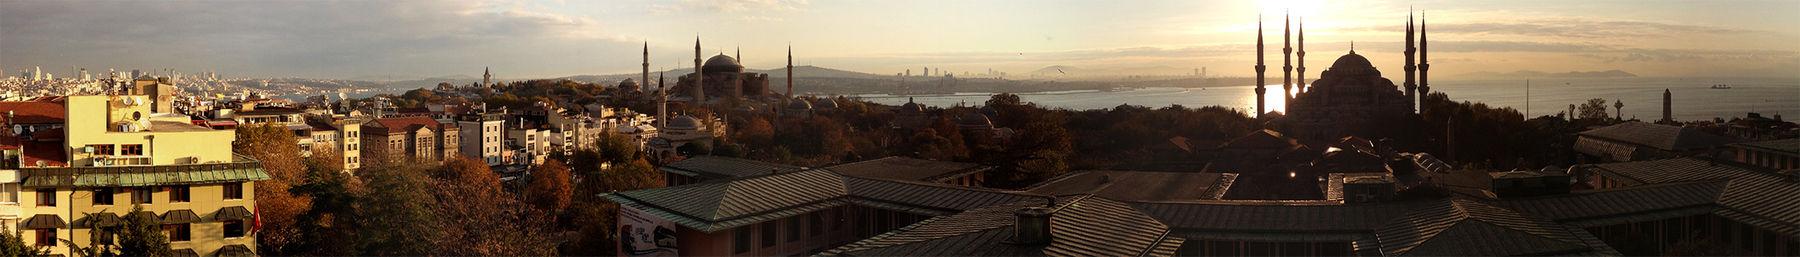 Istanbul morning panorama banner.jpg